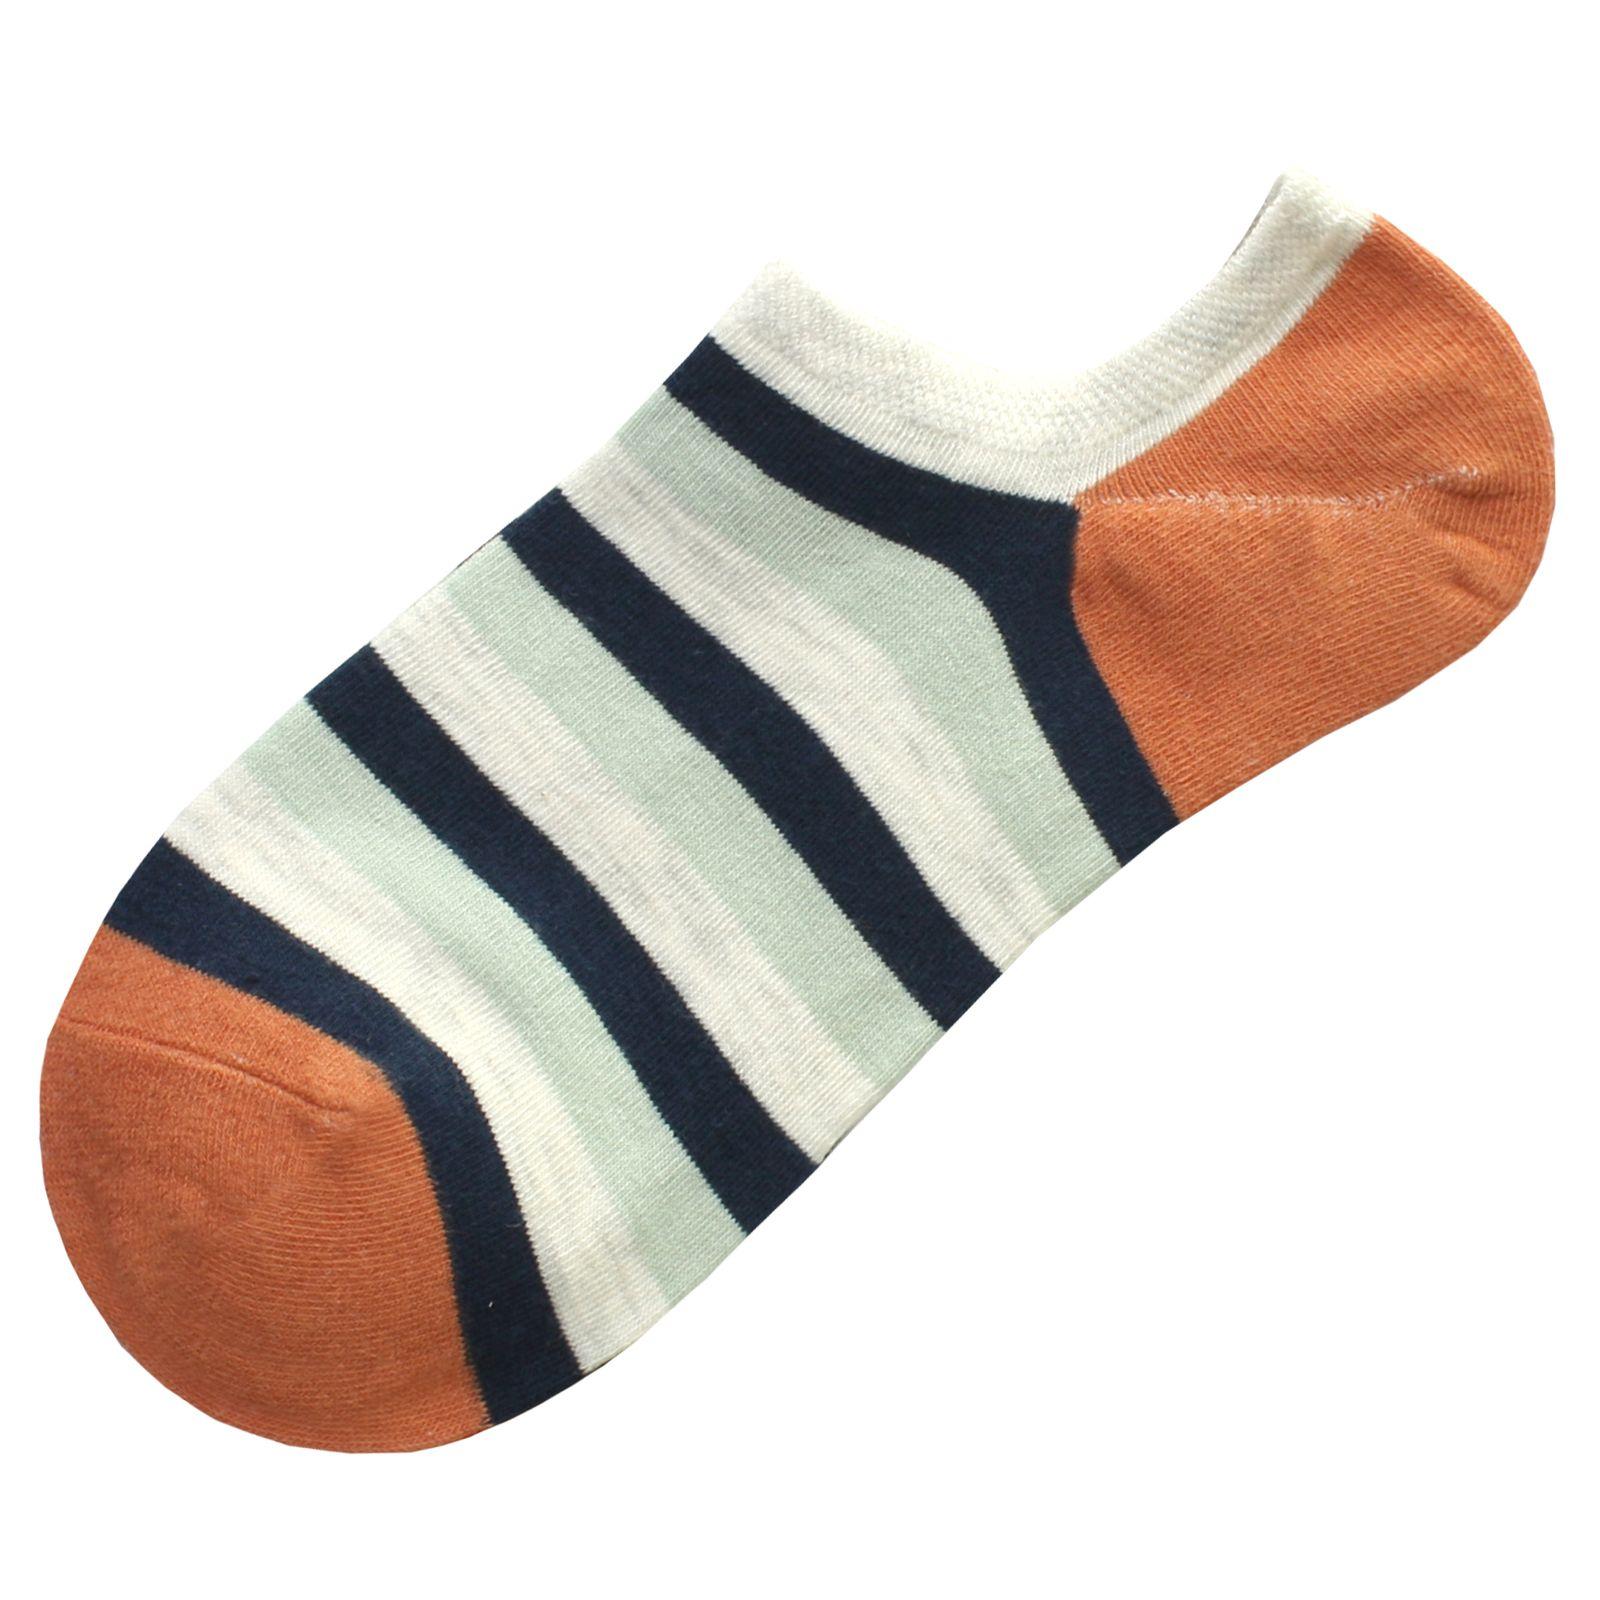 جوراب زنانه دیزر طرح راه راه کد fiory13 -  - 2